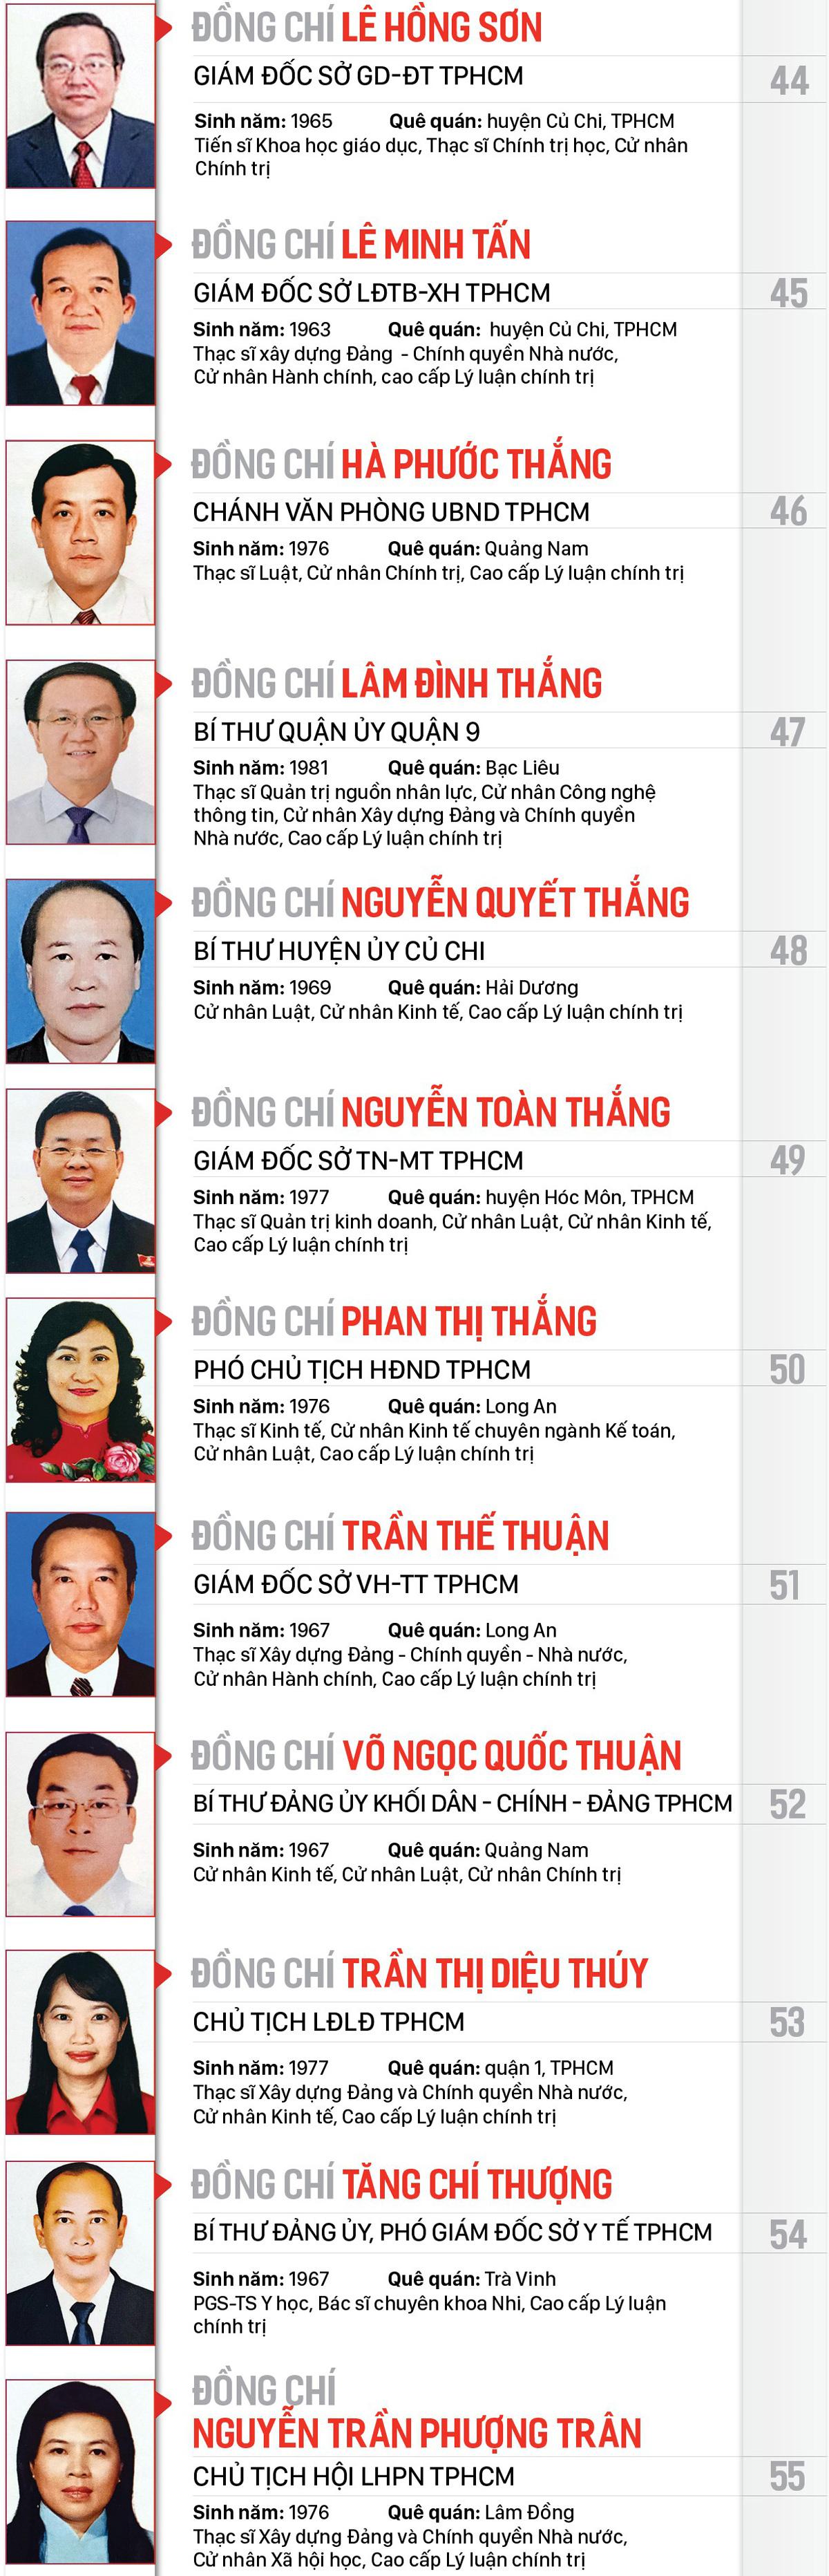 Công bố danh sách Ban Chấp hành Đảng bộ TPHCM khóa XI, nhiệm kỳ 2020-2025 ảnh 6